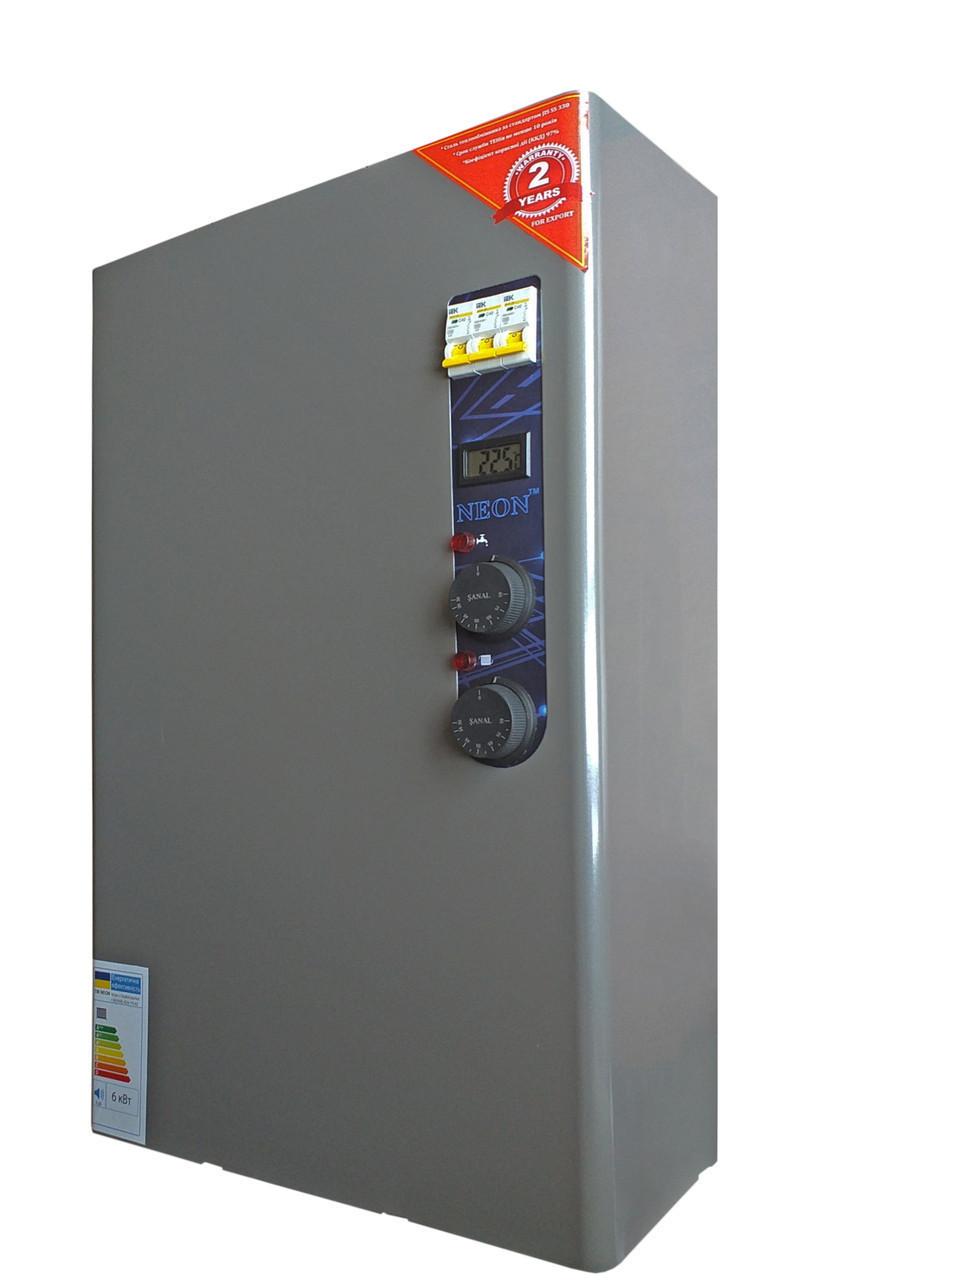 Двухконтурный котел TM NEON Classik WCSM/WH 12/12 кВт. Магнитный пускатель (с проточным нагревом воды)